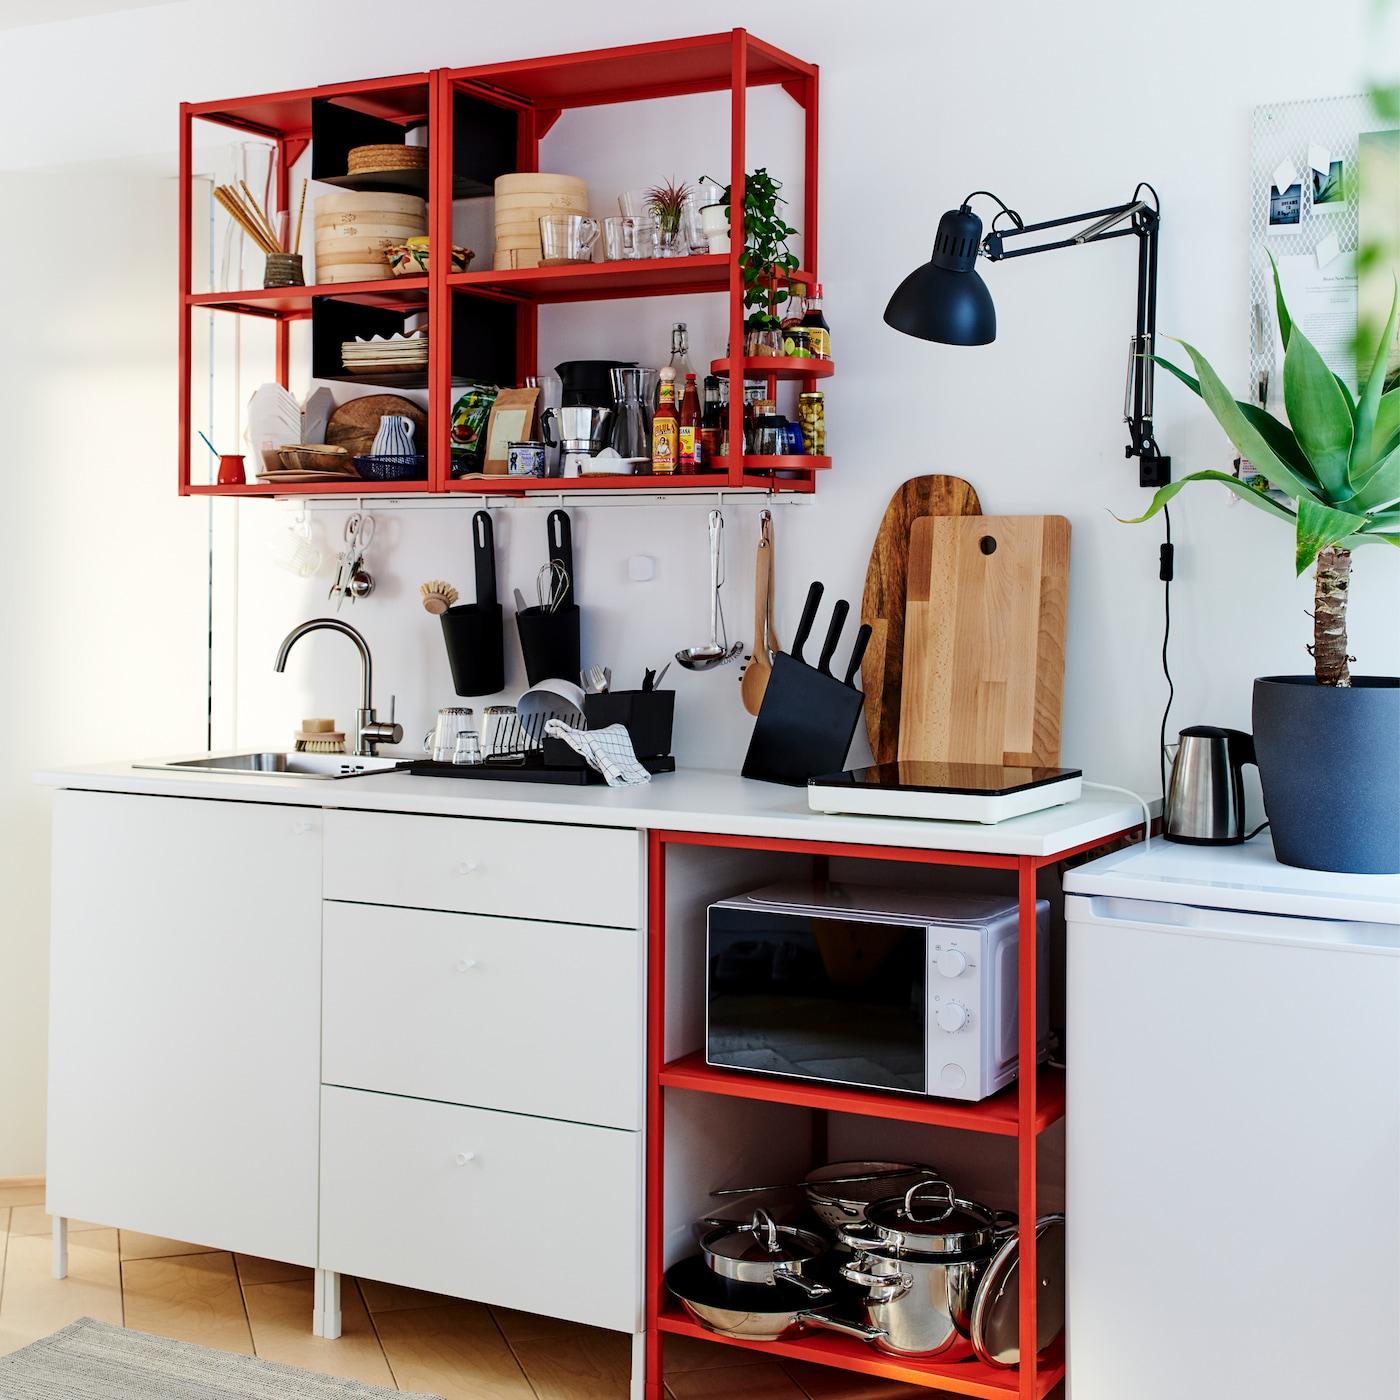 Mala kuhinja u crvenoj/beloj nijansi s prenosivom indukcijskom grejnom pločom, drvenim daskama za seckanje, crnom zidnom lampom i crnim oceđivačem suđa.